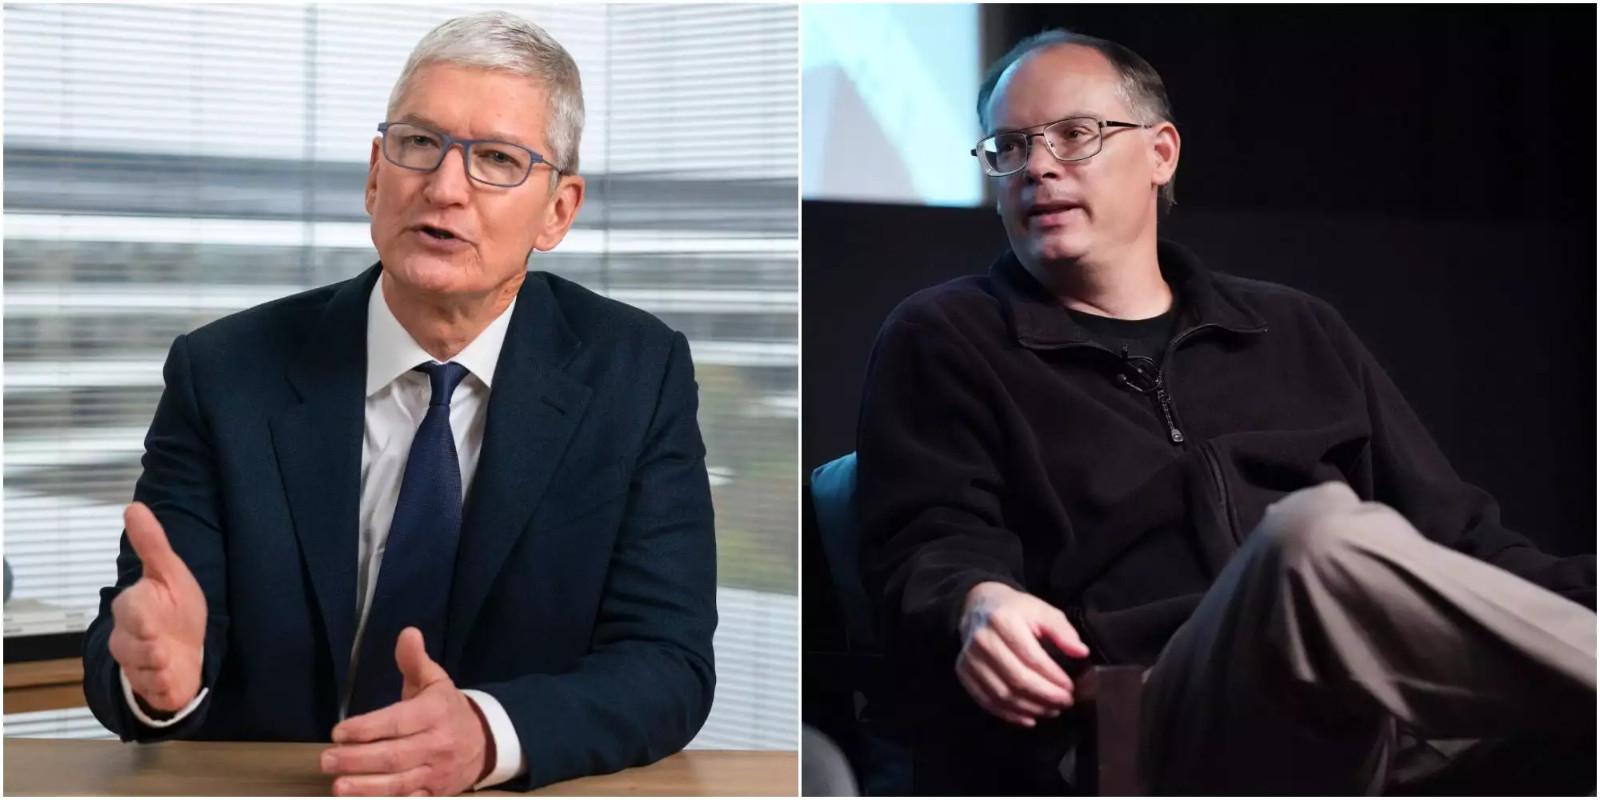 多家公司联名要求法官密封Epic苹果官司敏感文件